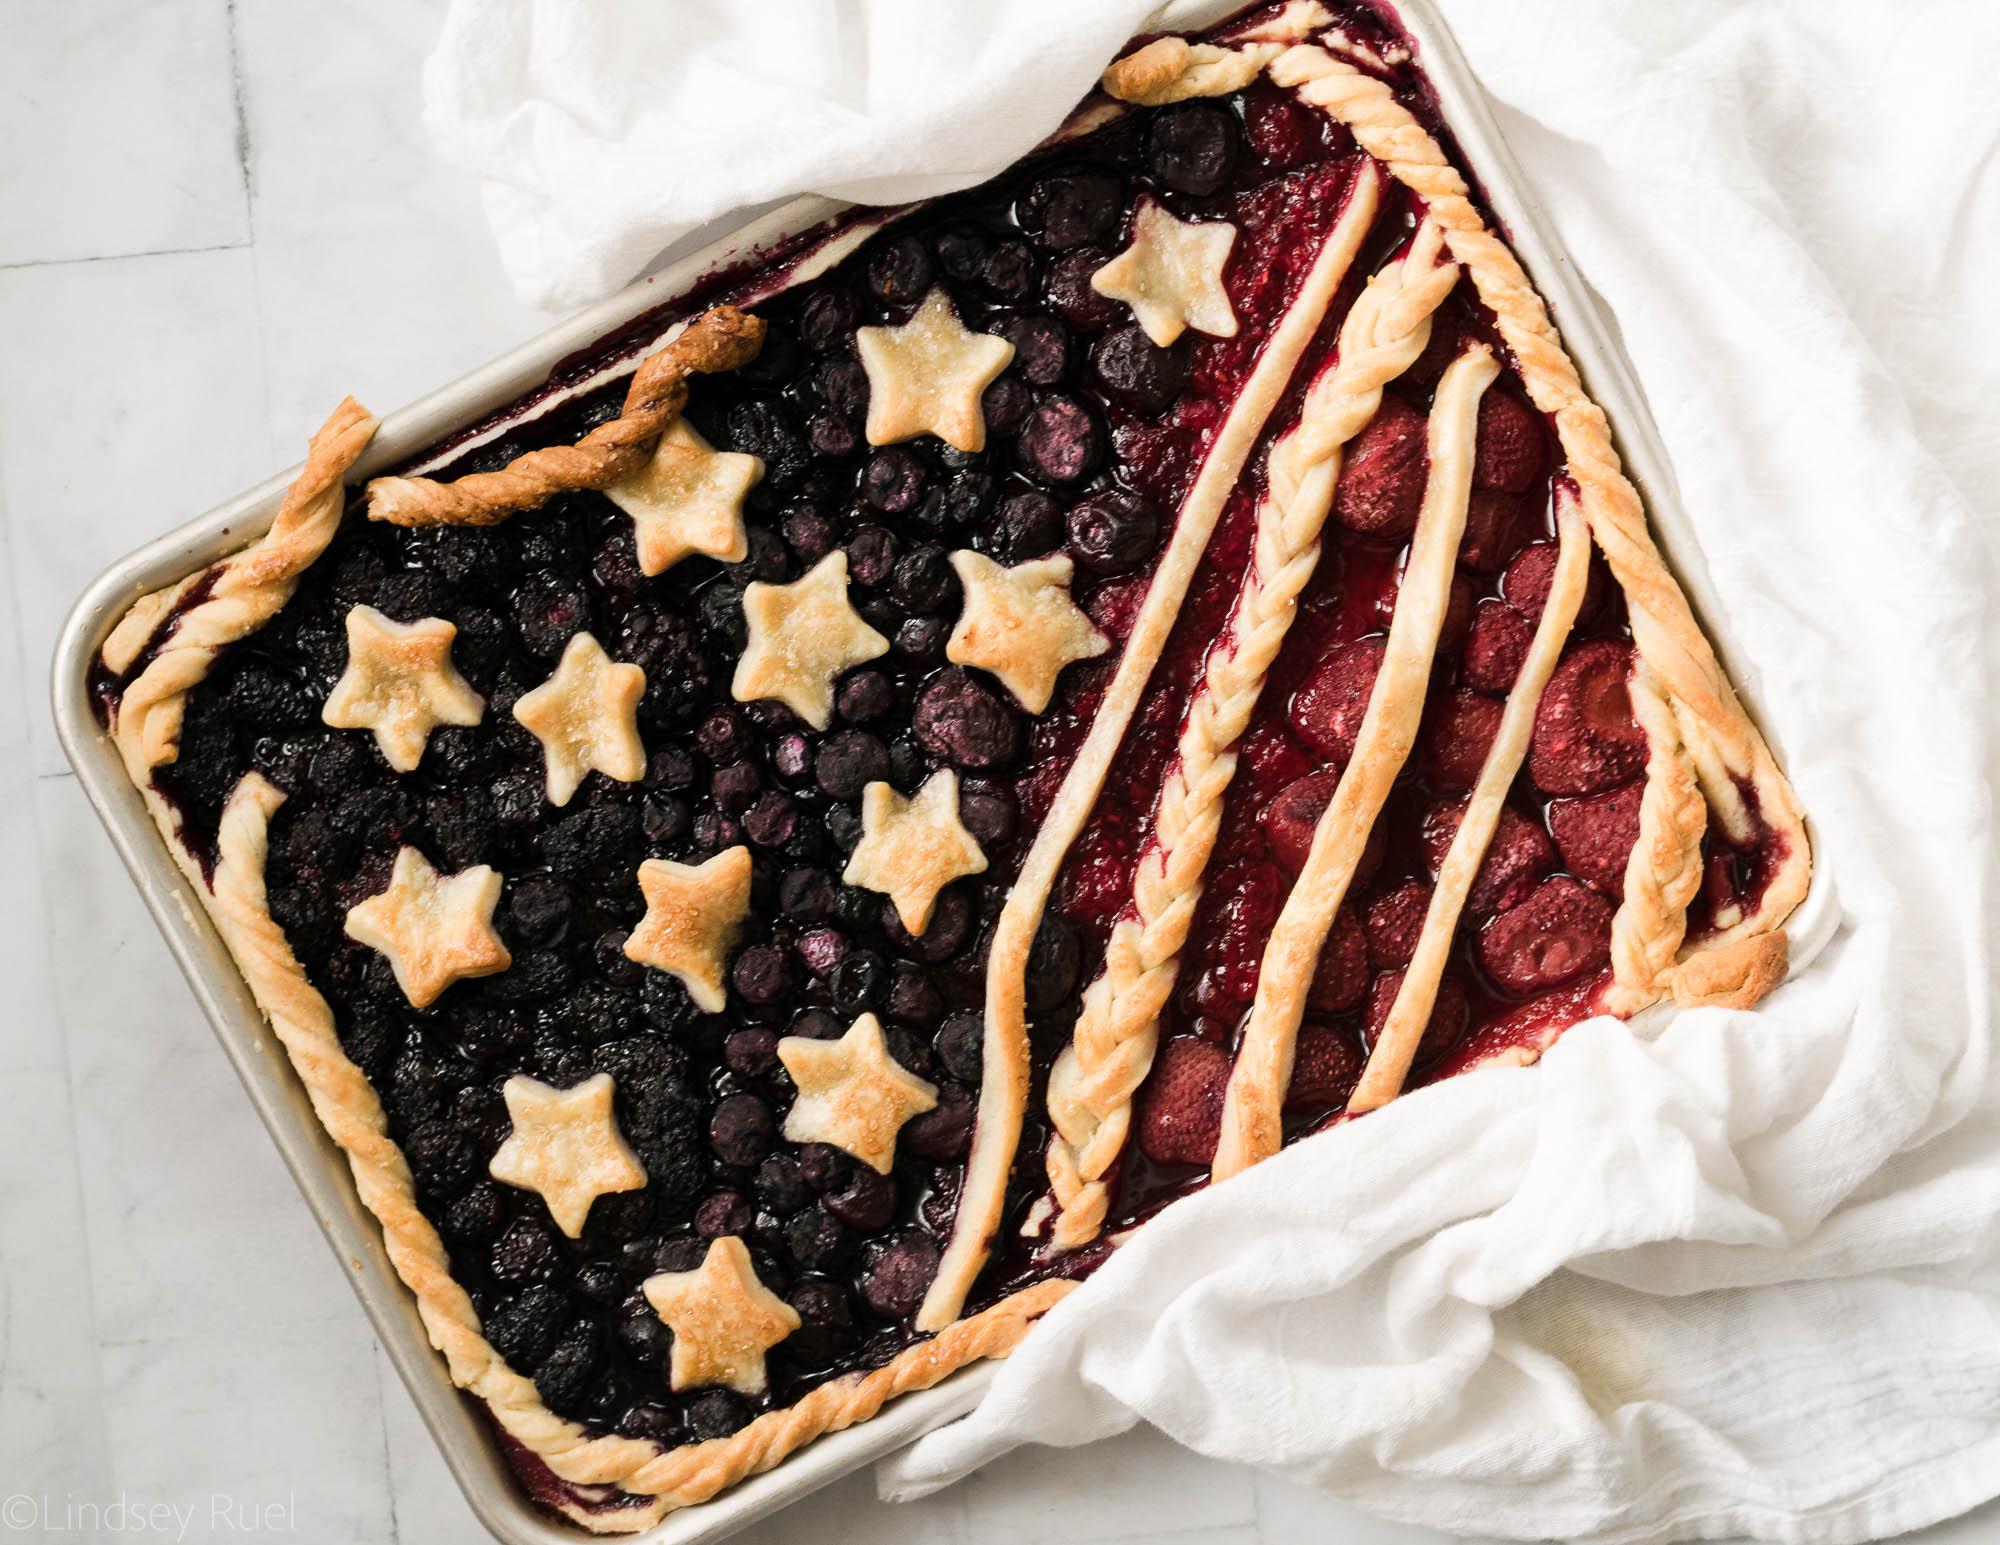 Berry-Patriotic-Pie-6.jpg